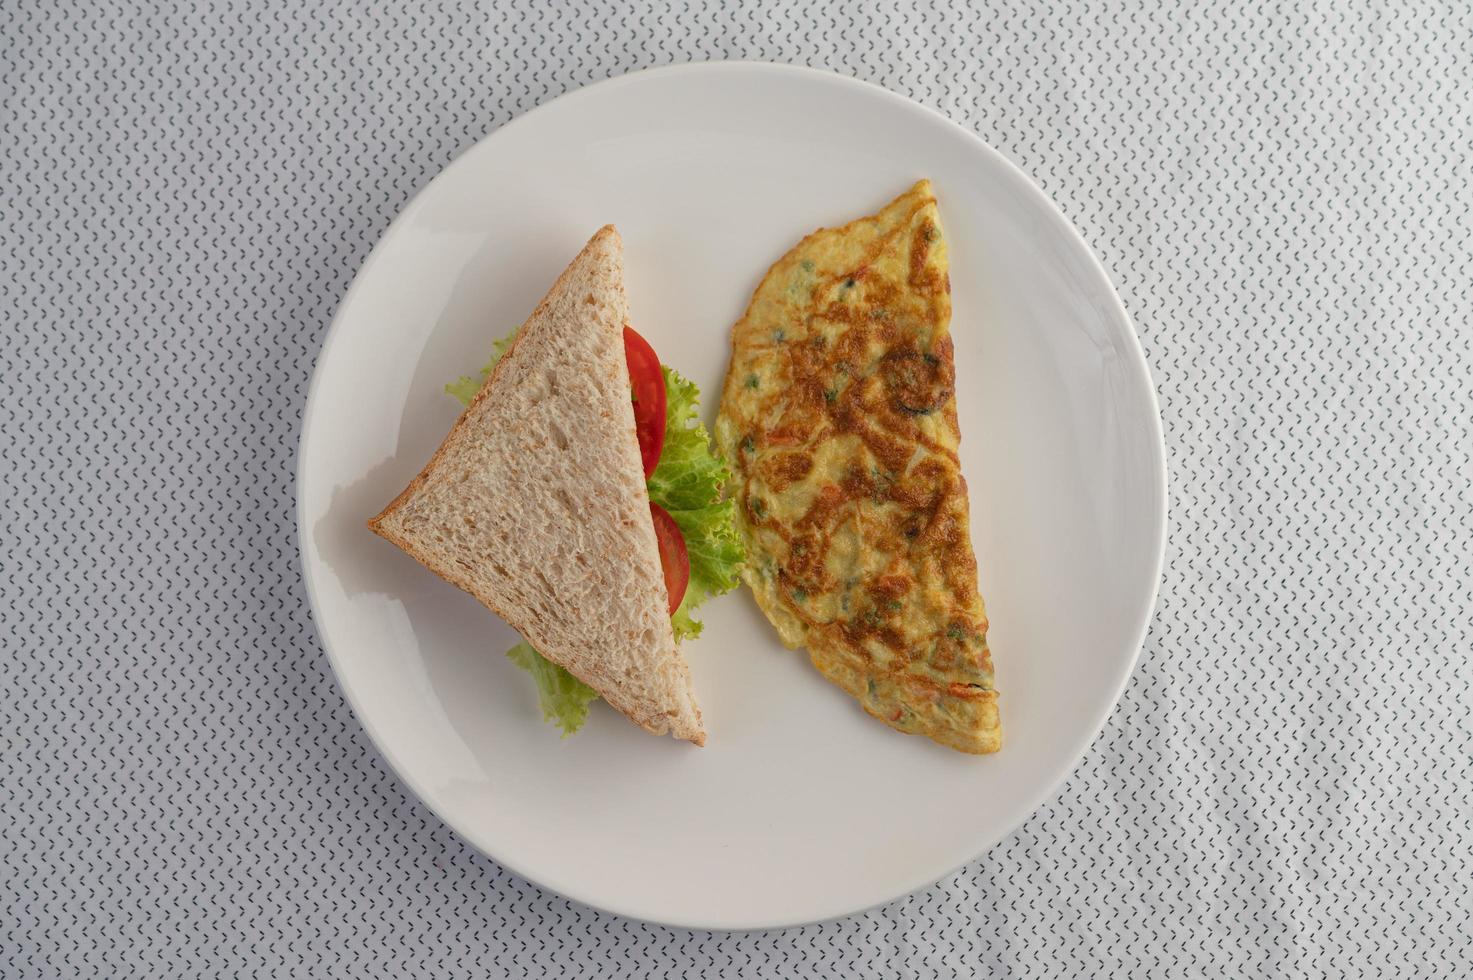 une omelette aux œufs et un sandwich sur une assiette blanche photo